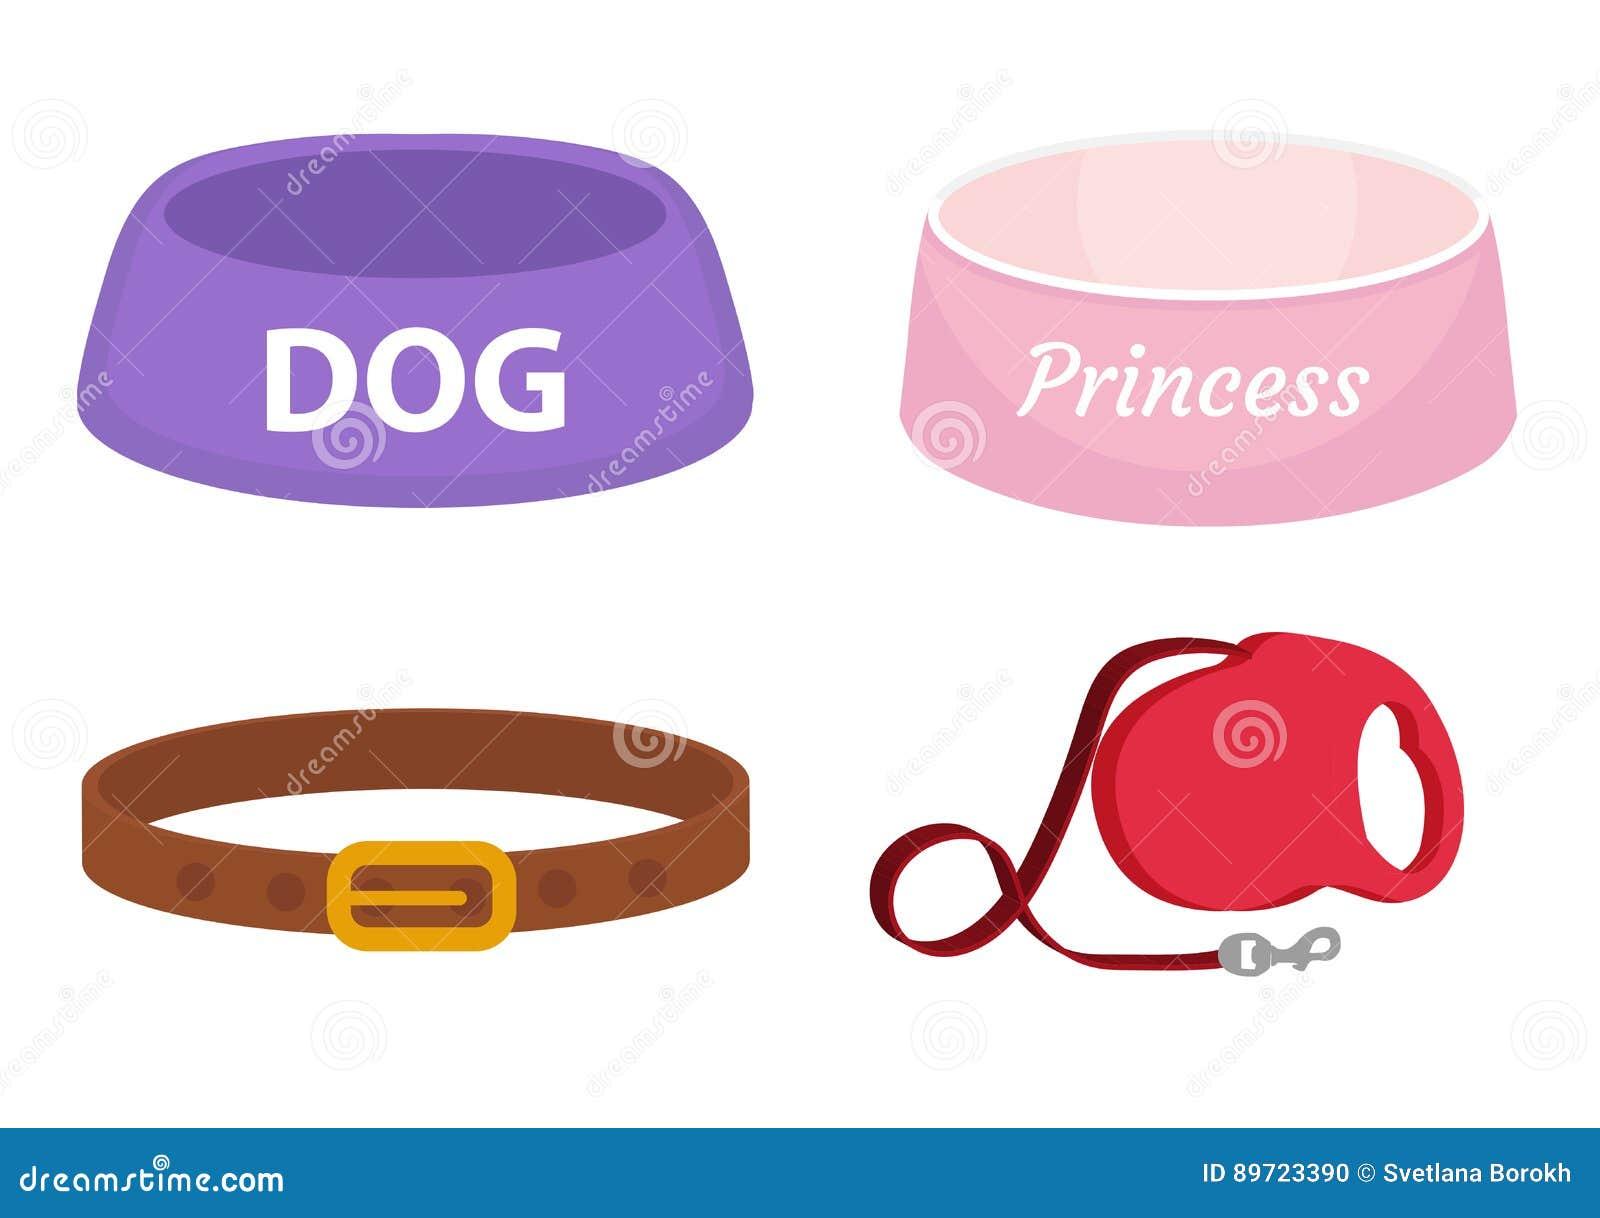 Zwierzęce akcesoria dostawy ustawiać ikony, mieszkanie, kreskówka styl Kolekcja rzeczy dla psiej opieki z pucharem, smycz, kołnie